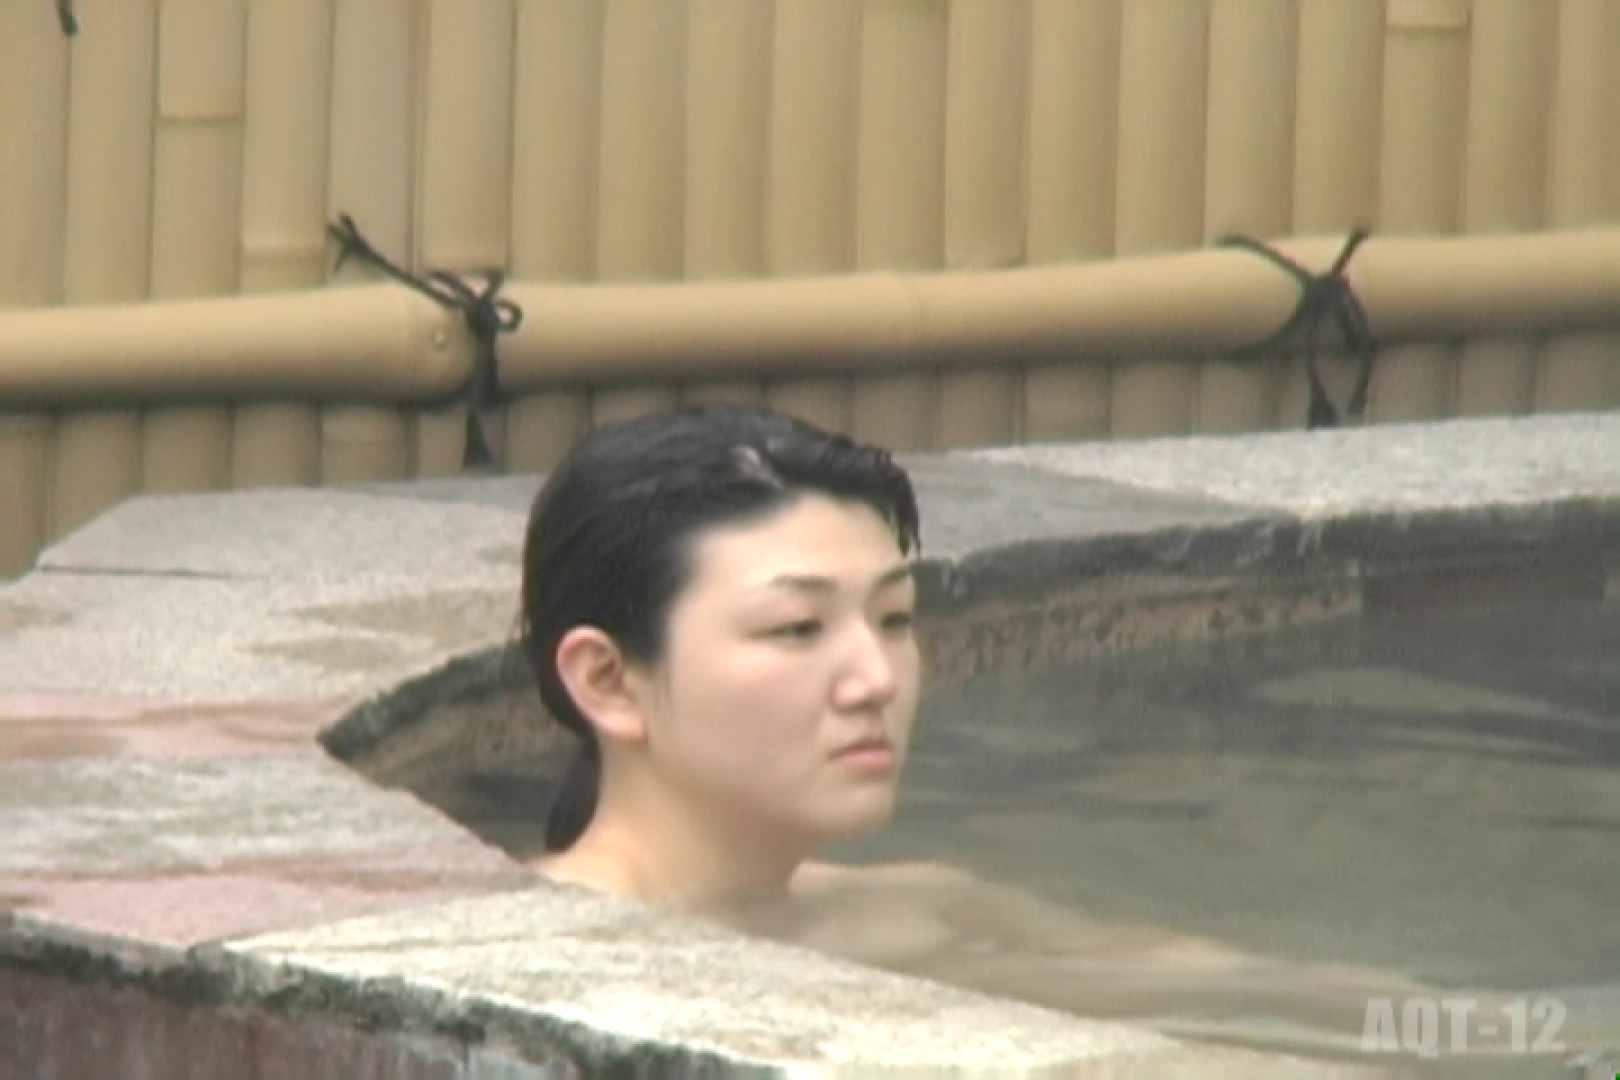 Aquaな露天風呂Vol.810 露天風呂 | 盗撮動画  10枚 3